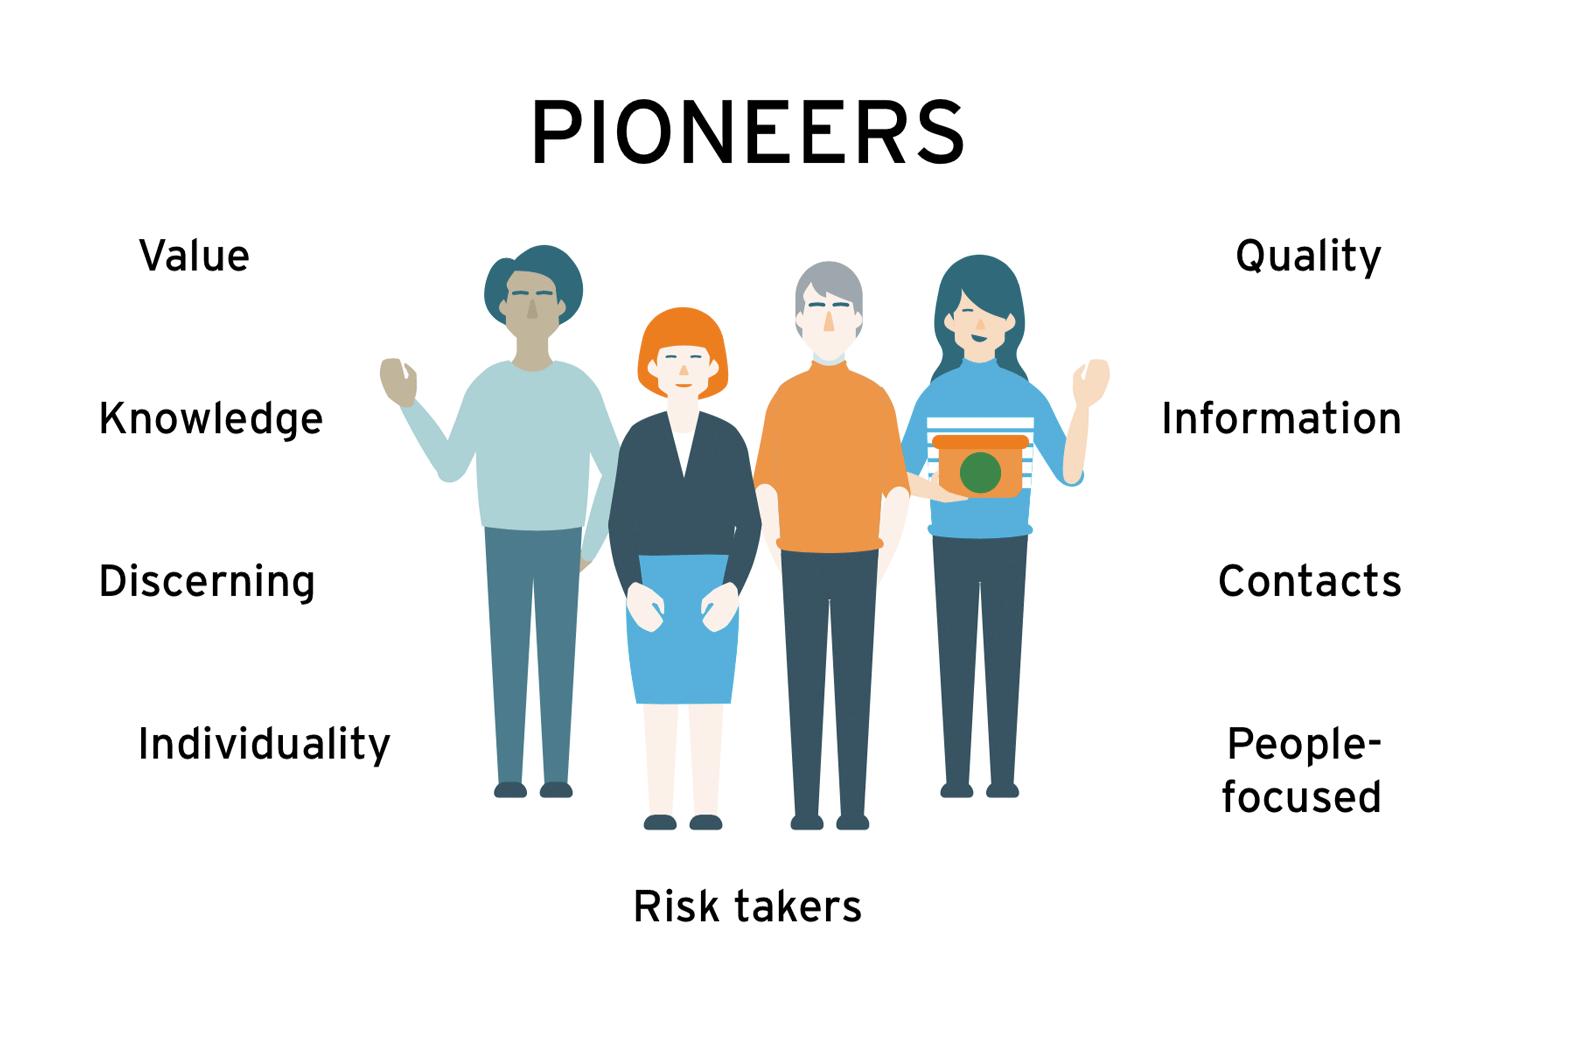 Image - Pioneers